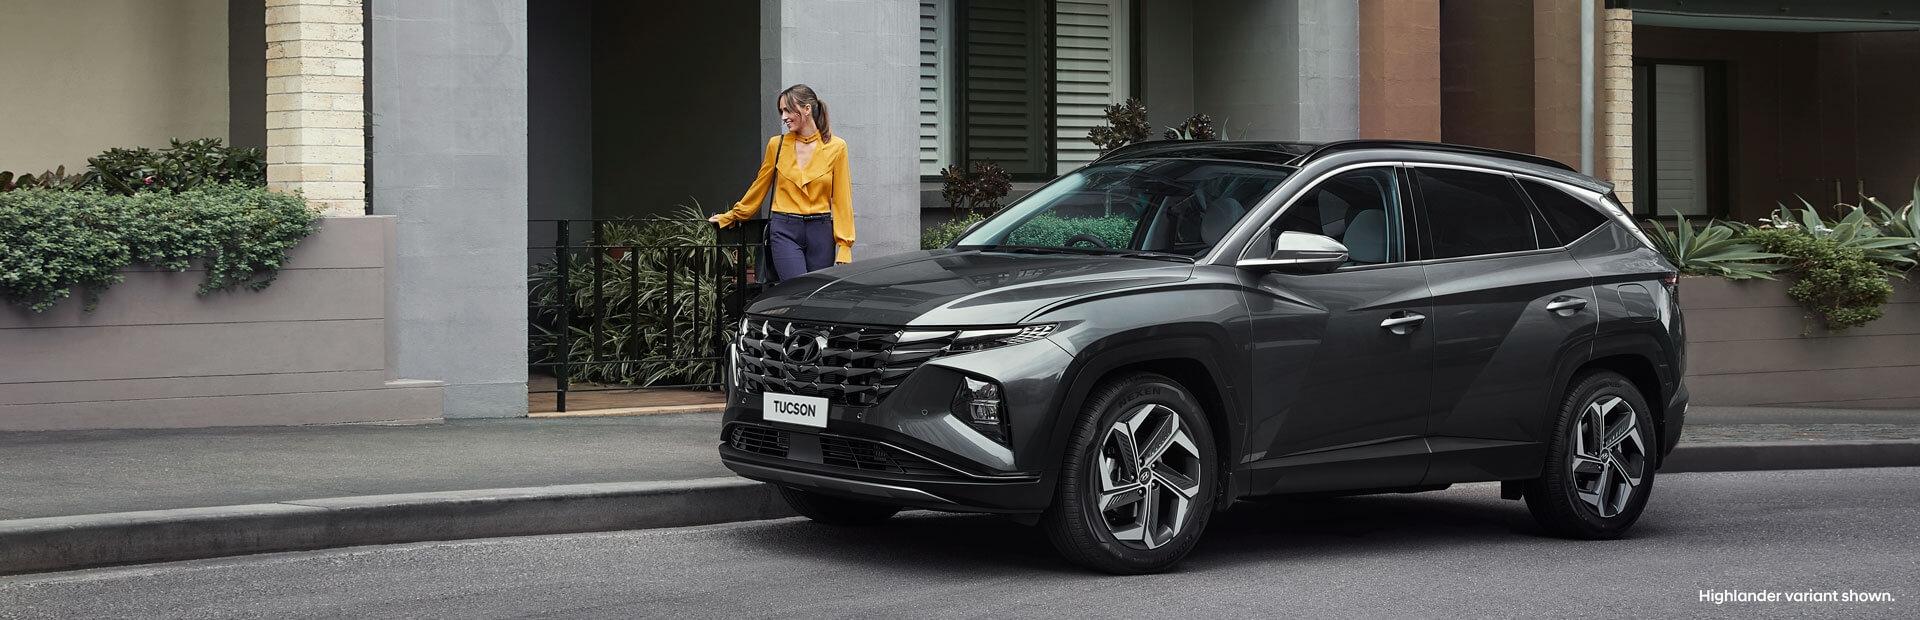 Hyundai Tuscon Exterior Design